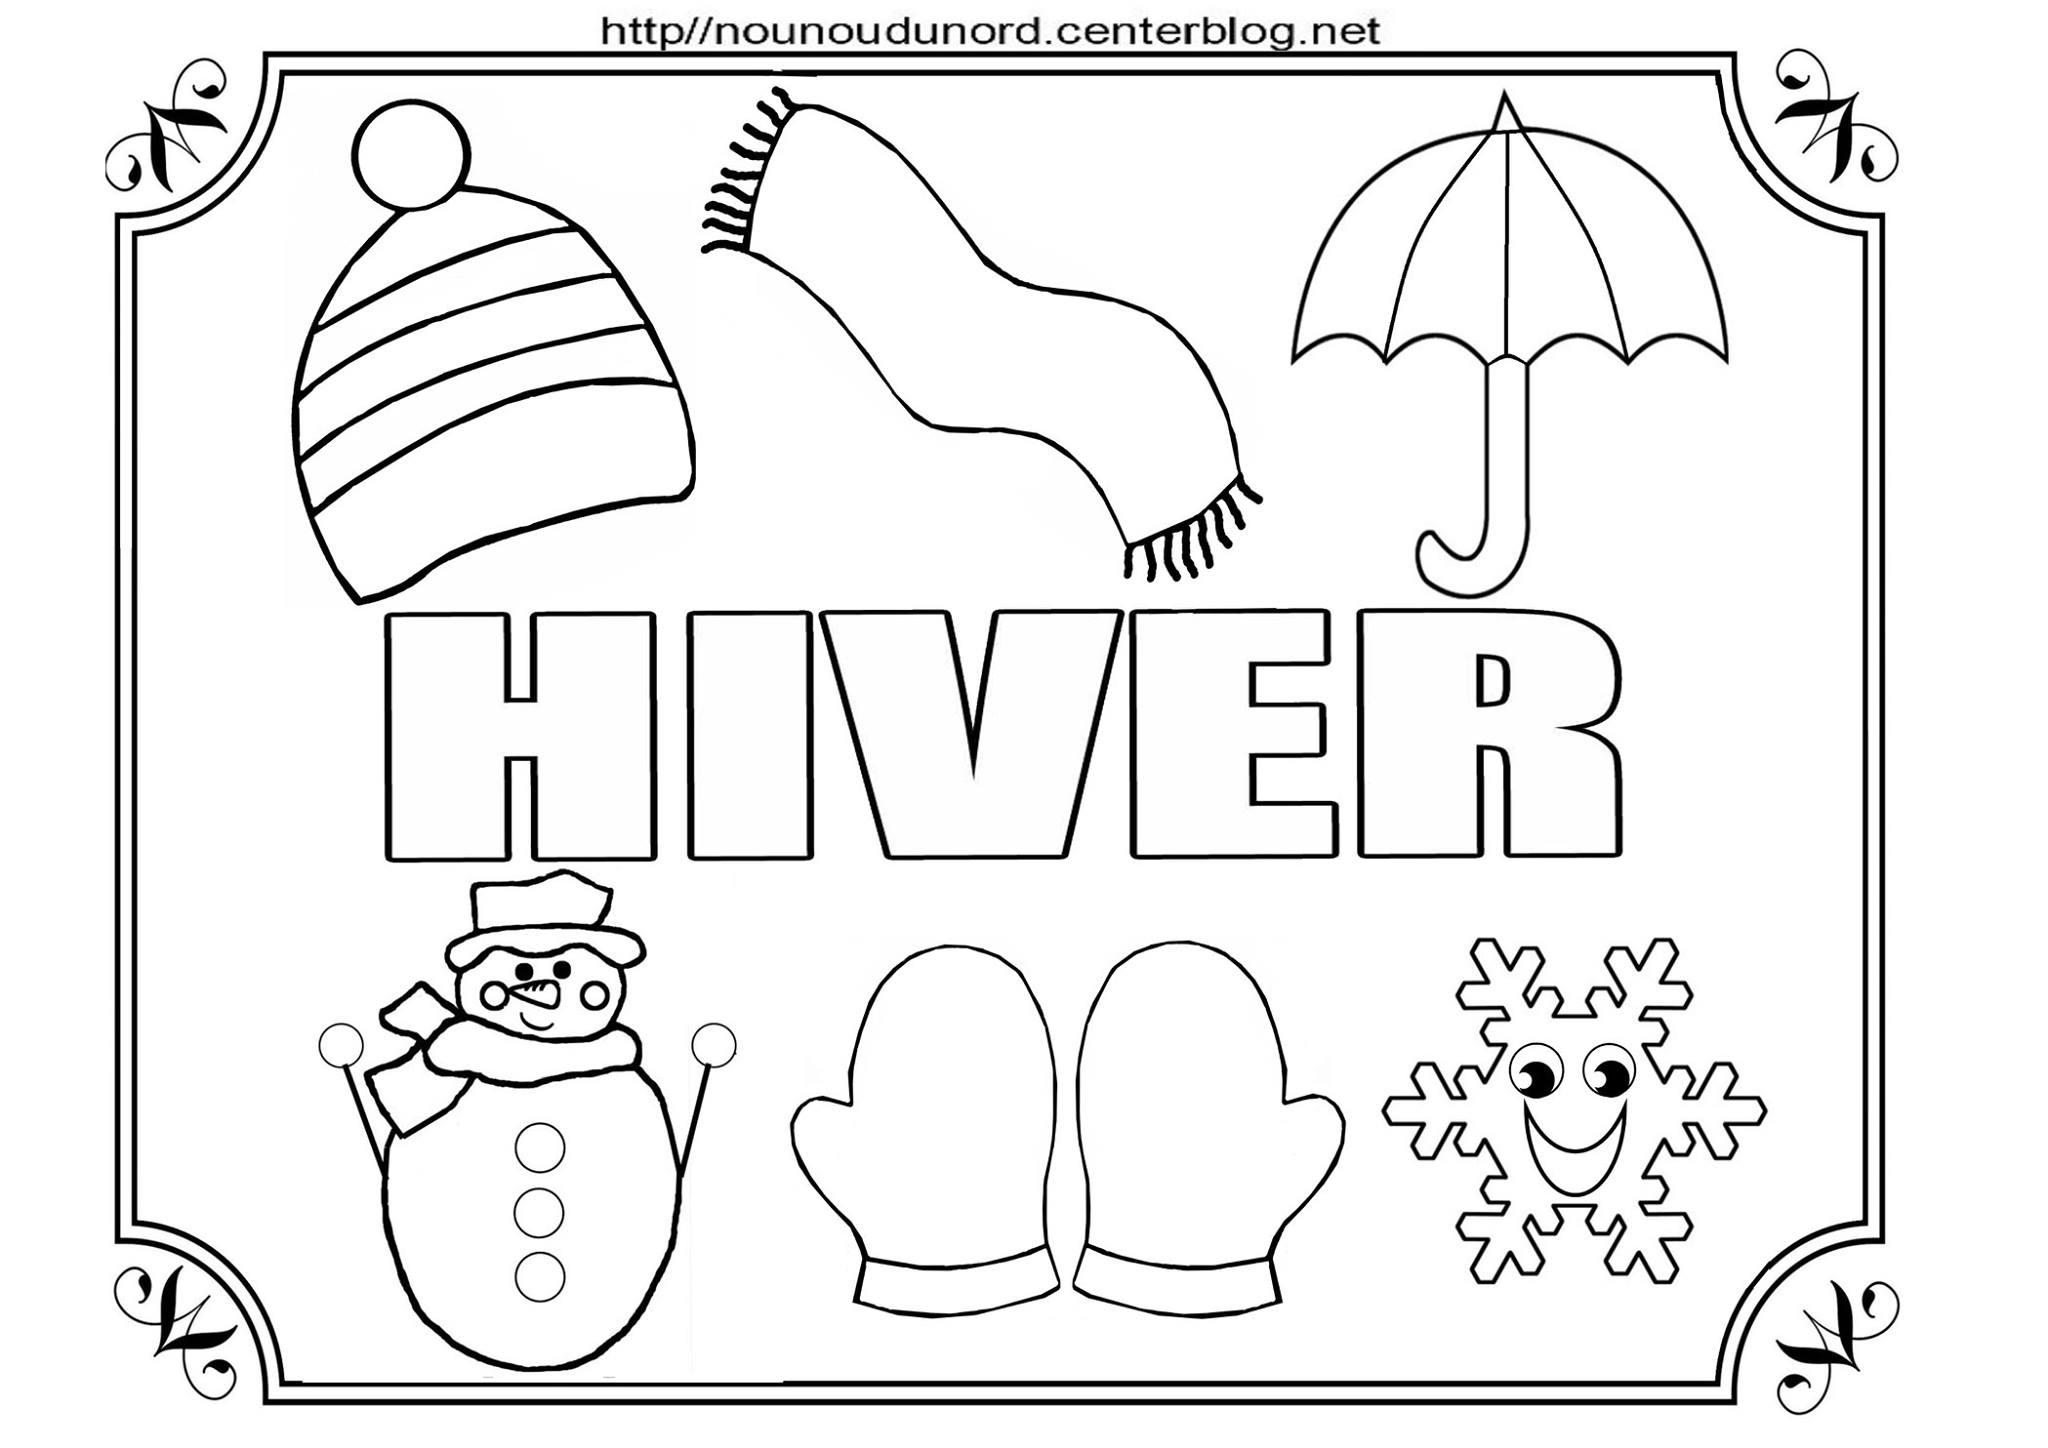 Coloriages Hiver - Assistante Maternelle Argenteuil - Orgemont concernant Coloriage Maternelle